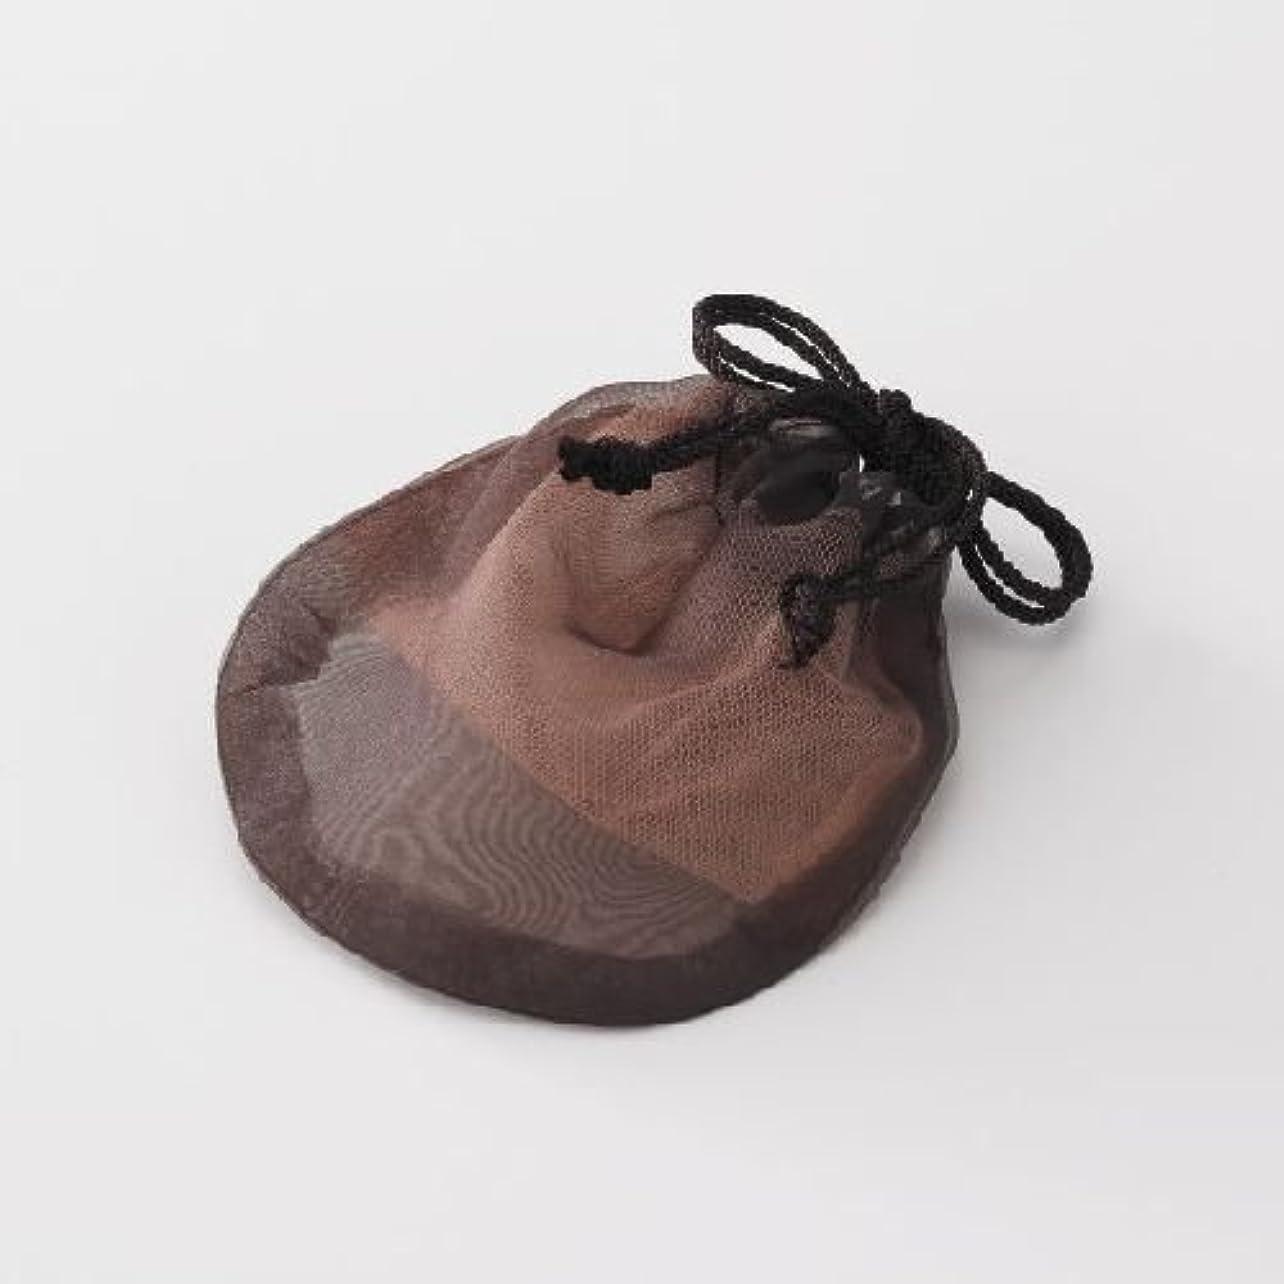 ユダヤ人タイルスキーピギーバックス ソープネット 瞬時にマシュマロのようなお肌に負担をかけないキメ細かな泡をつくることができるオシャレなポーチ型オリジナル【泡だてネット】!衛生的に固形石鹸の保存もできます。